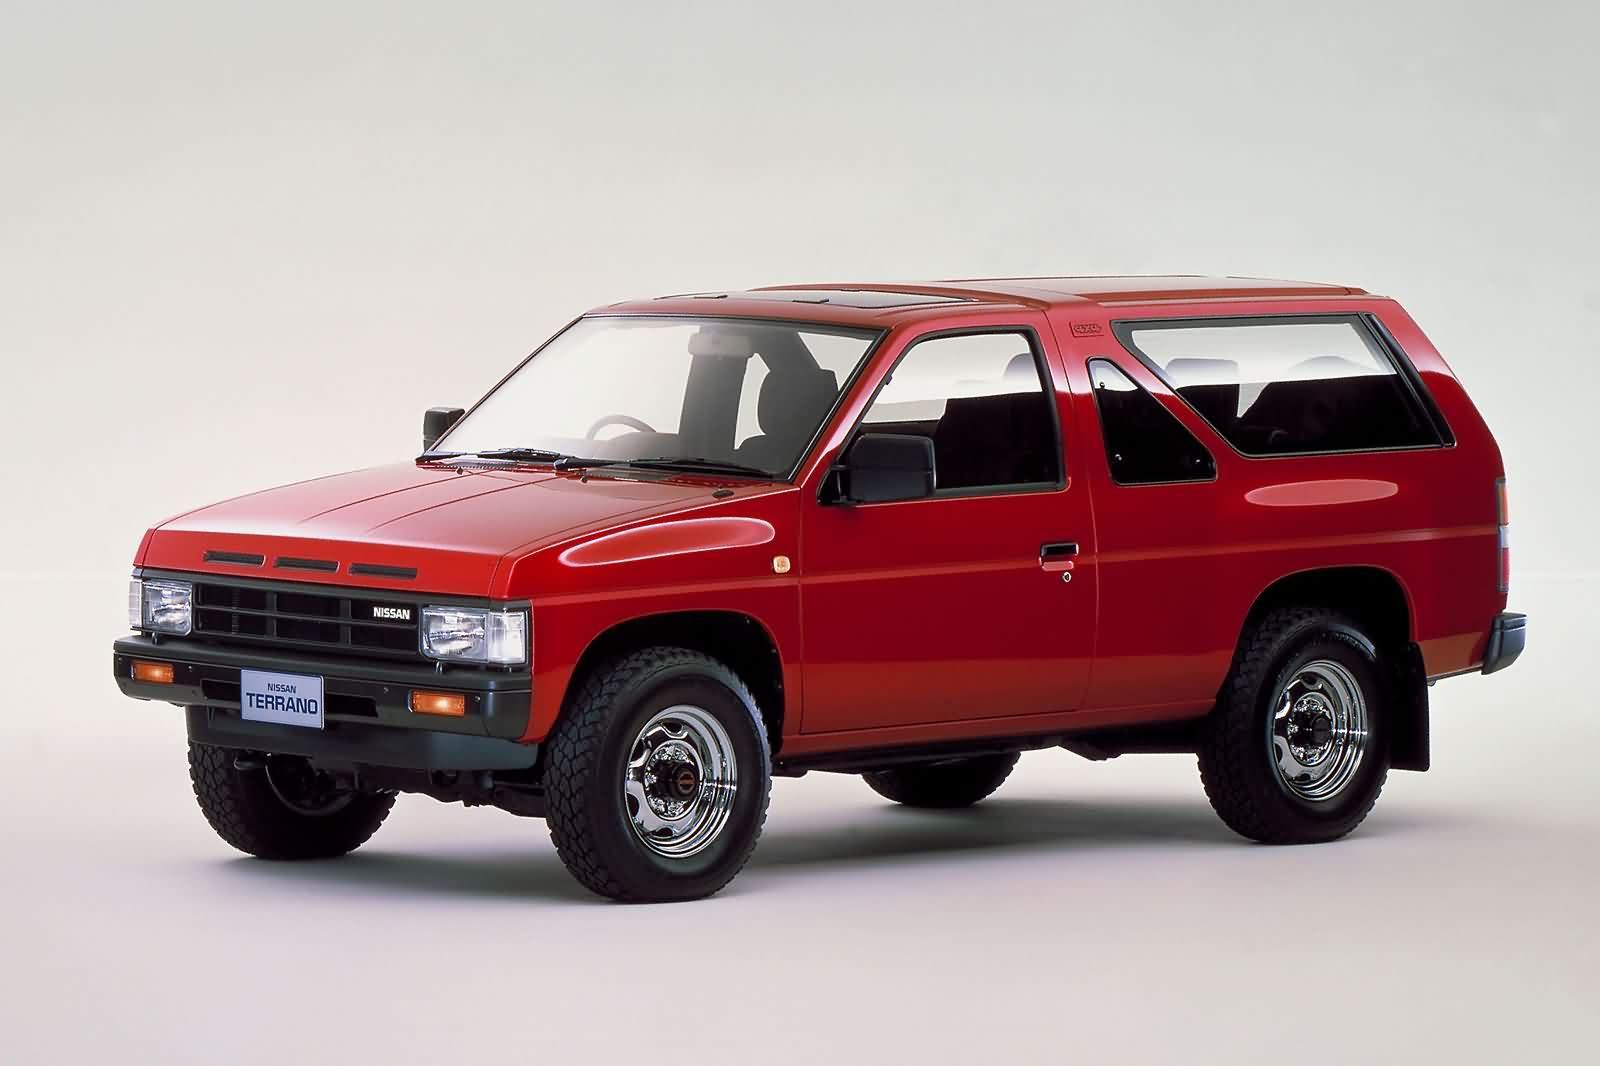 Nissan Terrano I - 1987